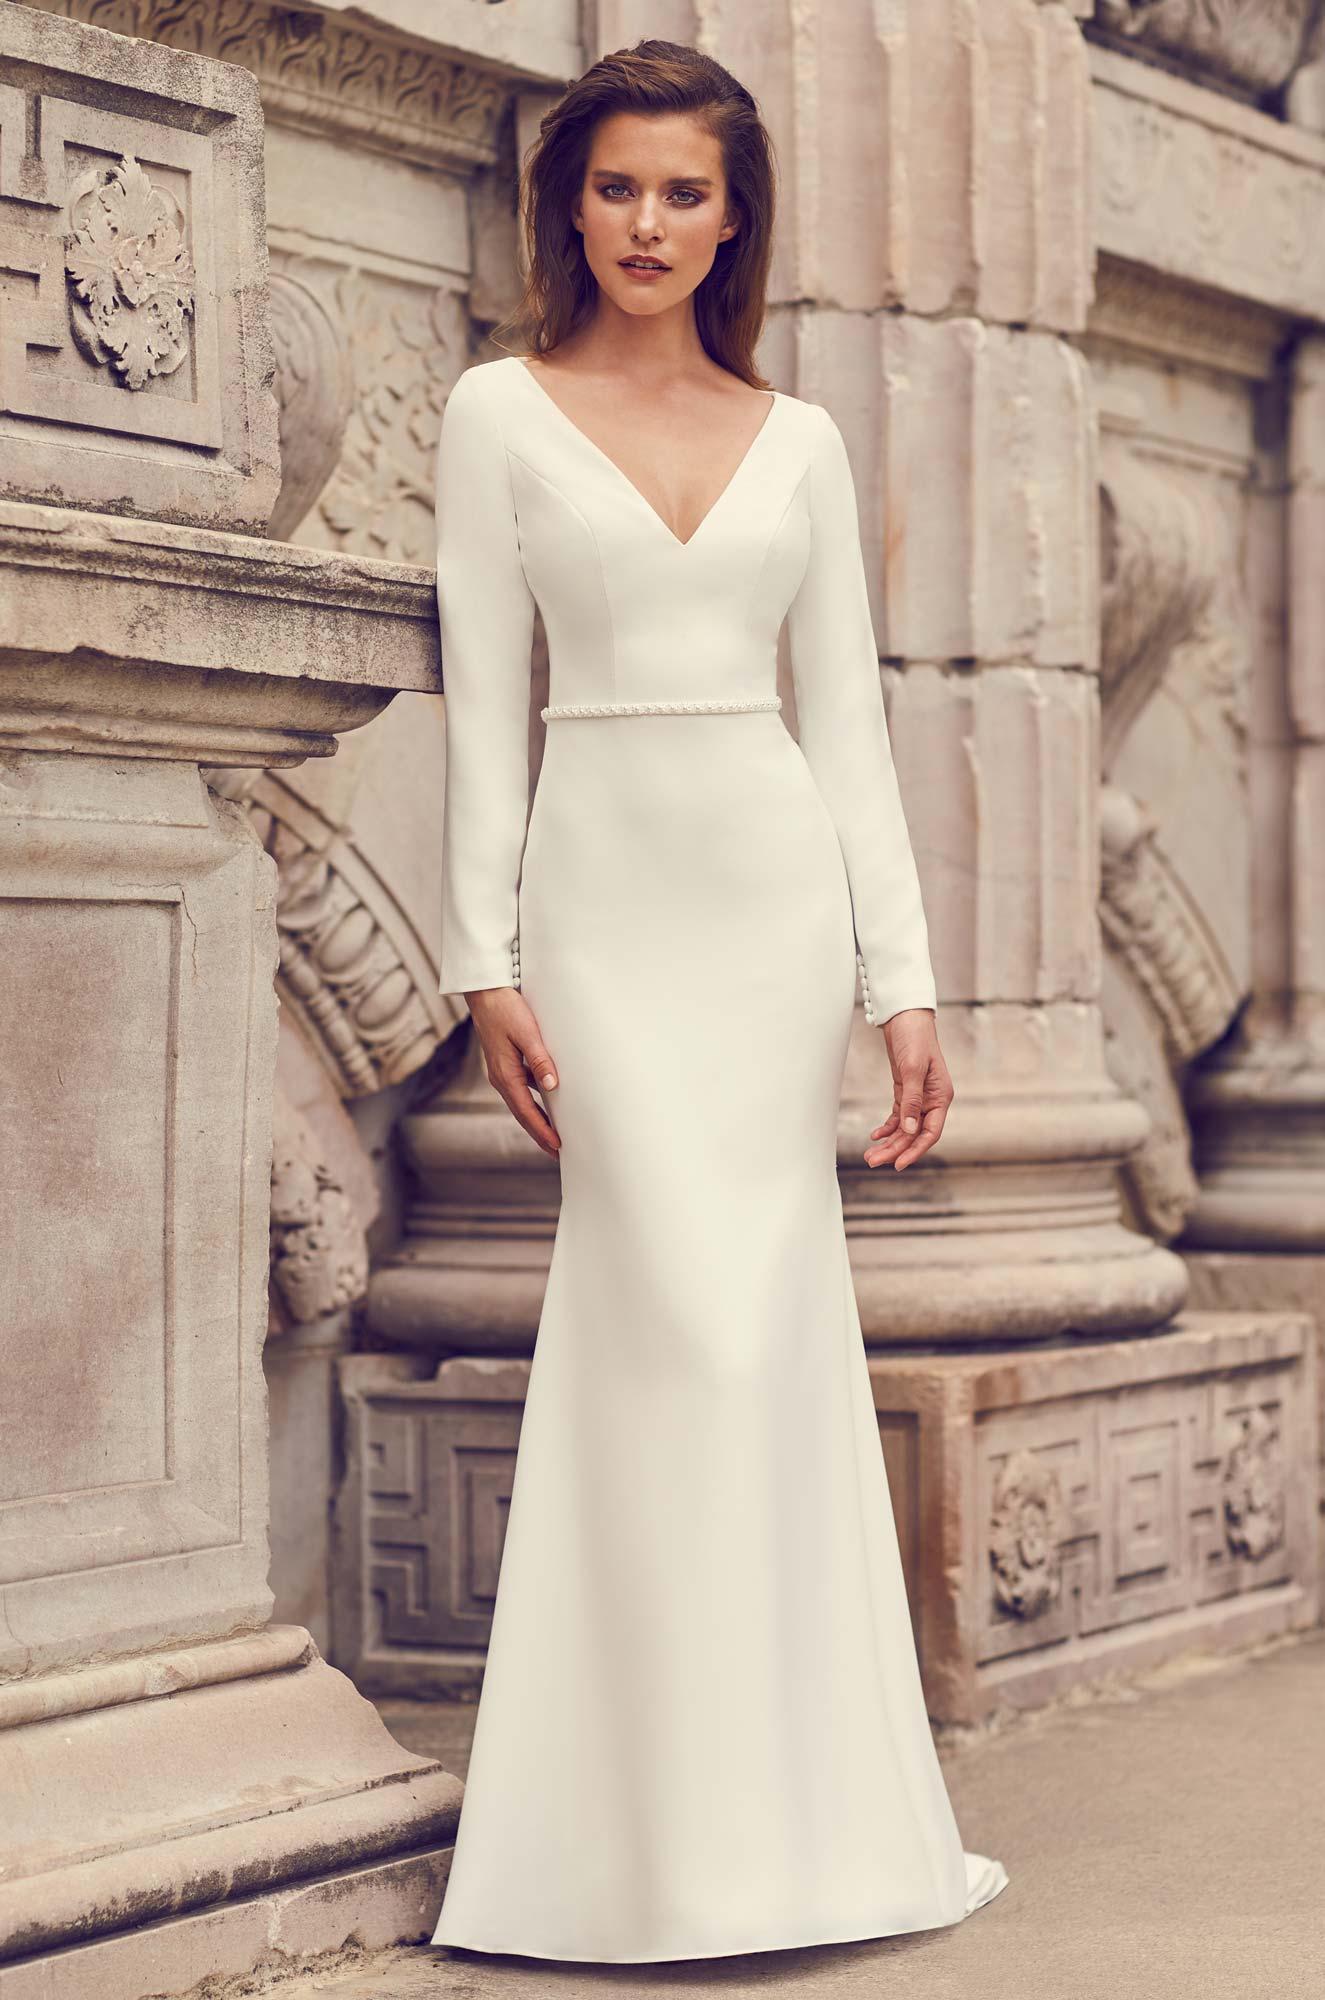 Glamorous Long Sleeve Wedding Dress – Style #2235 | Mikaella Bridal